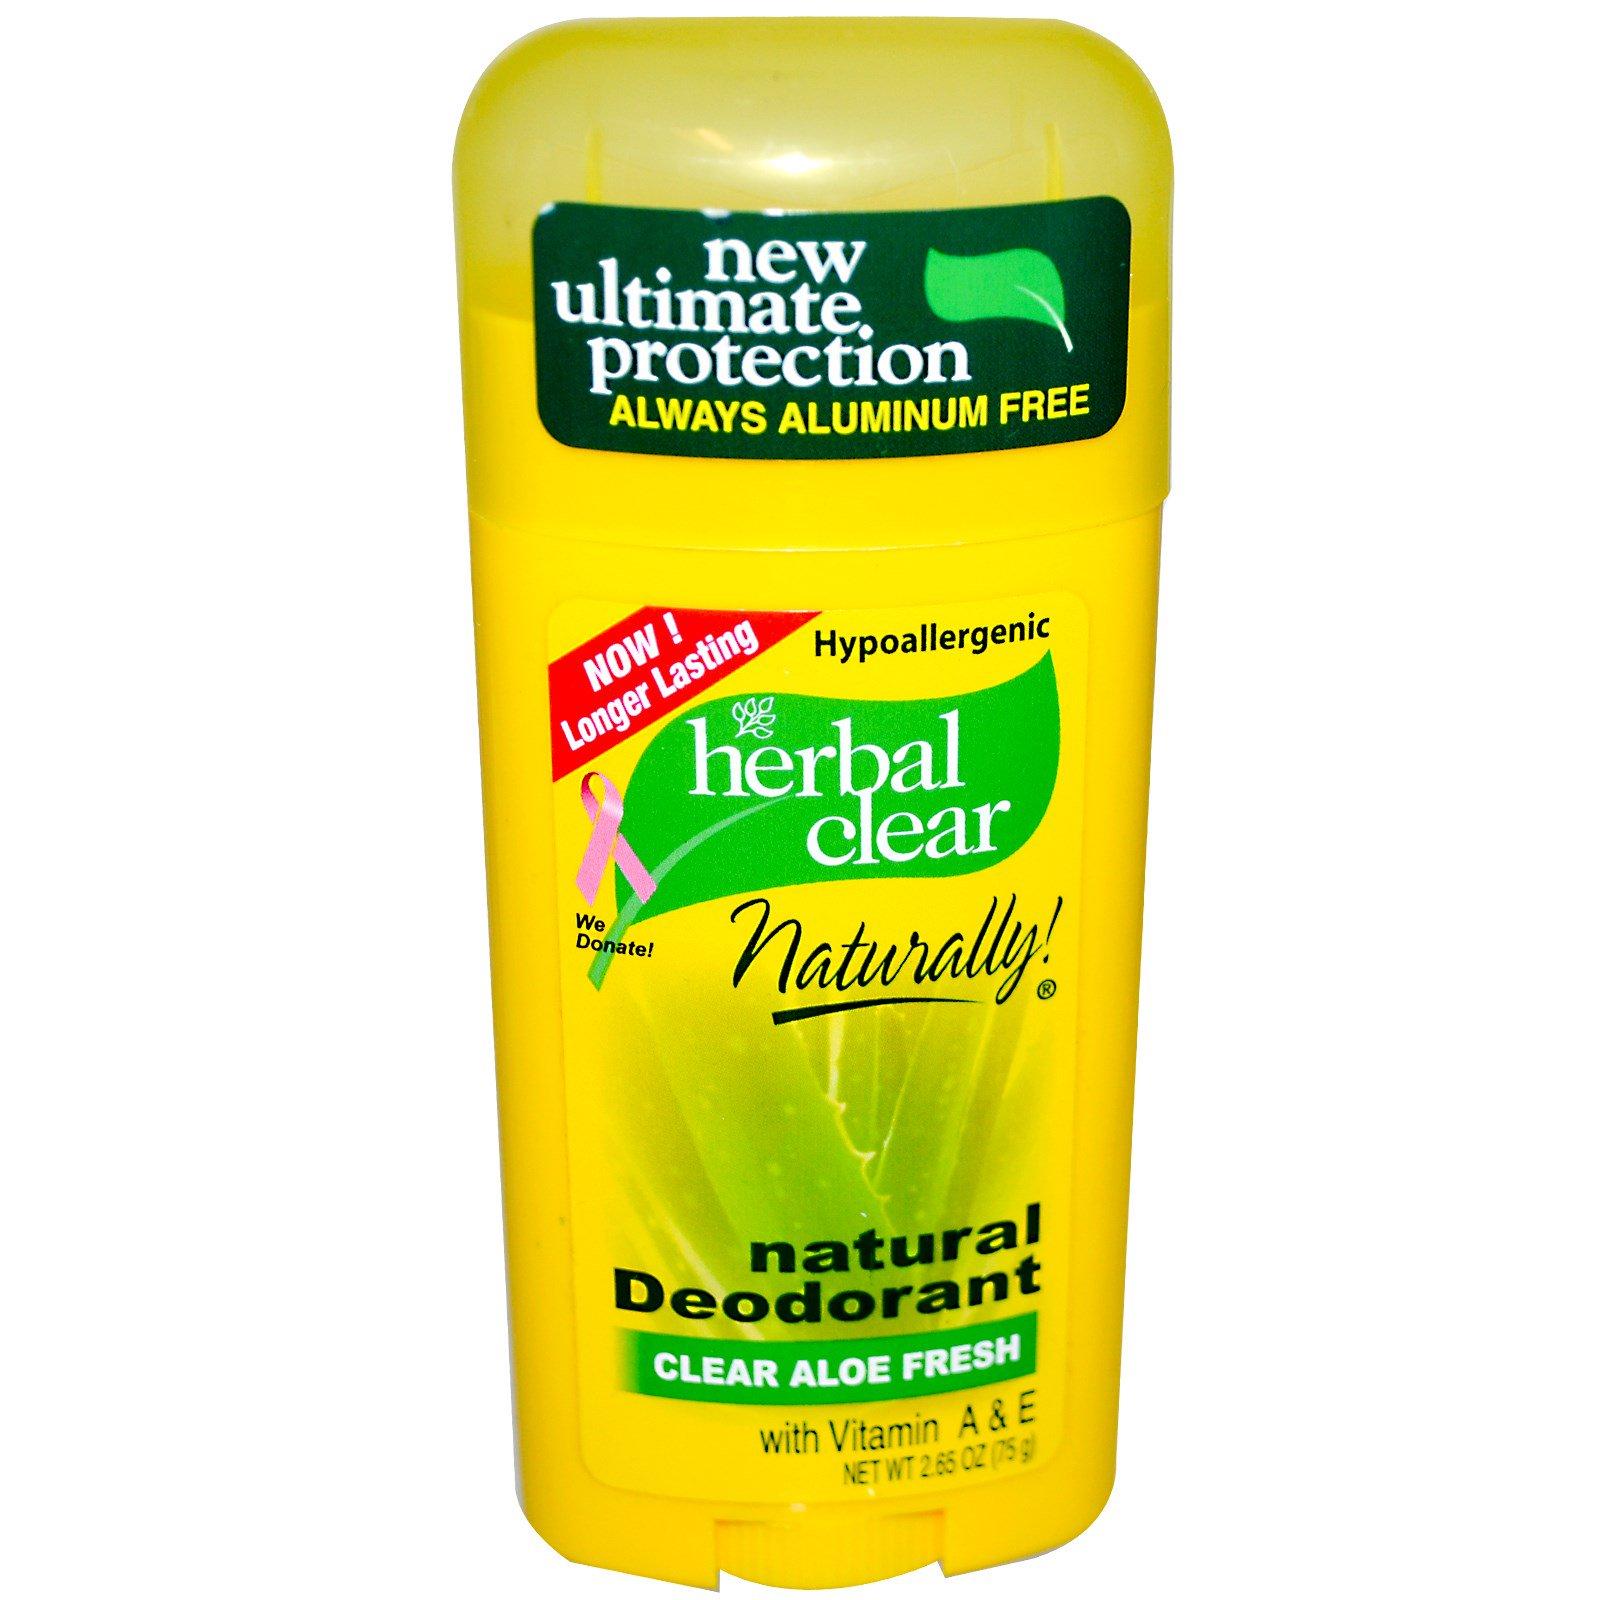 21st Century, Травяное очищение, натуральный дезодорант, свежесть чистого алоэ, 2.65 унций (75 г)